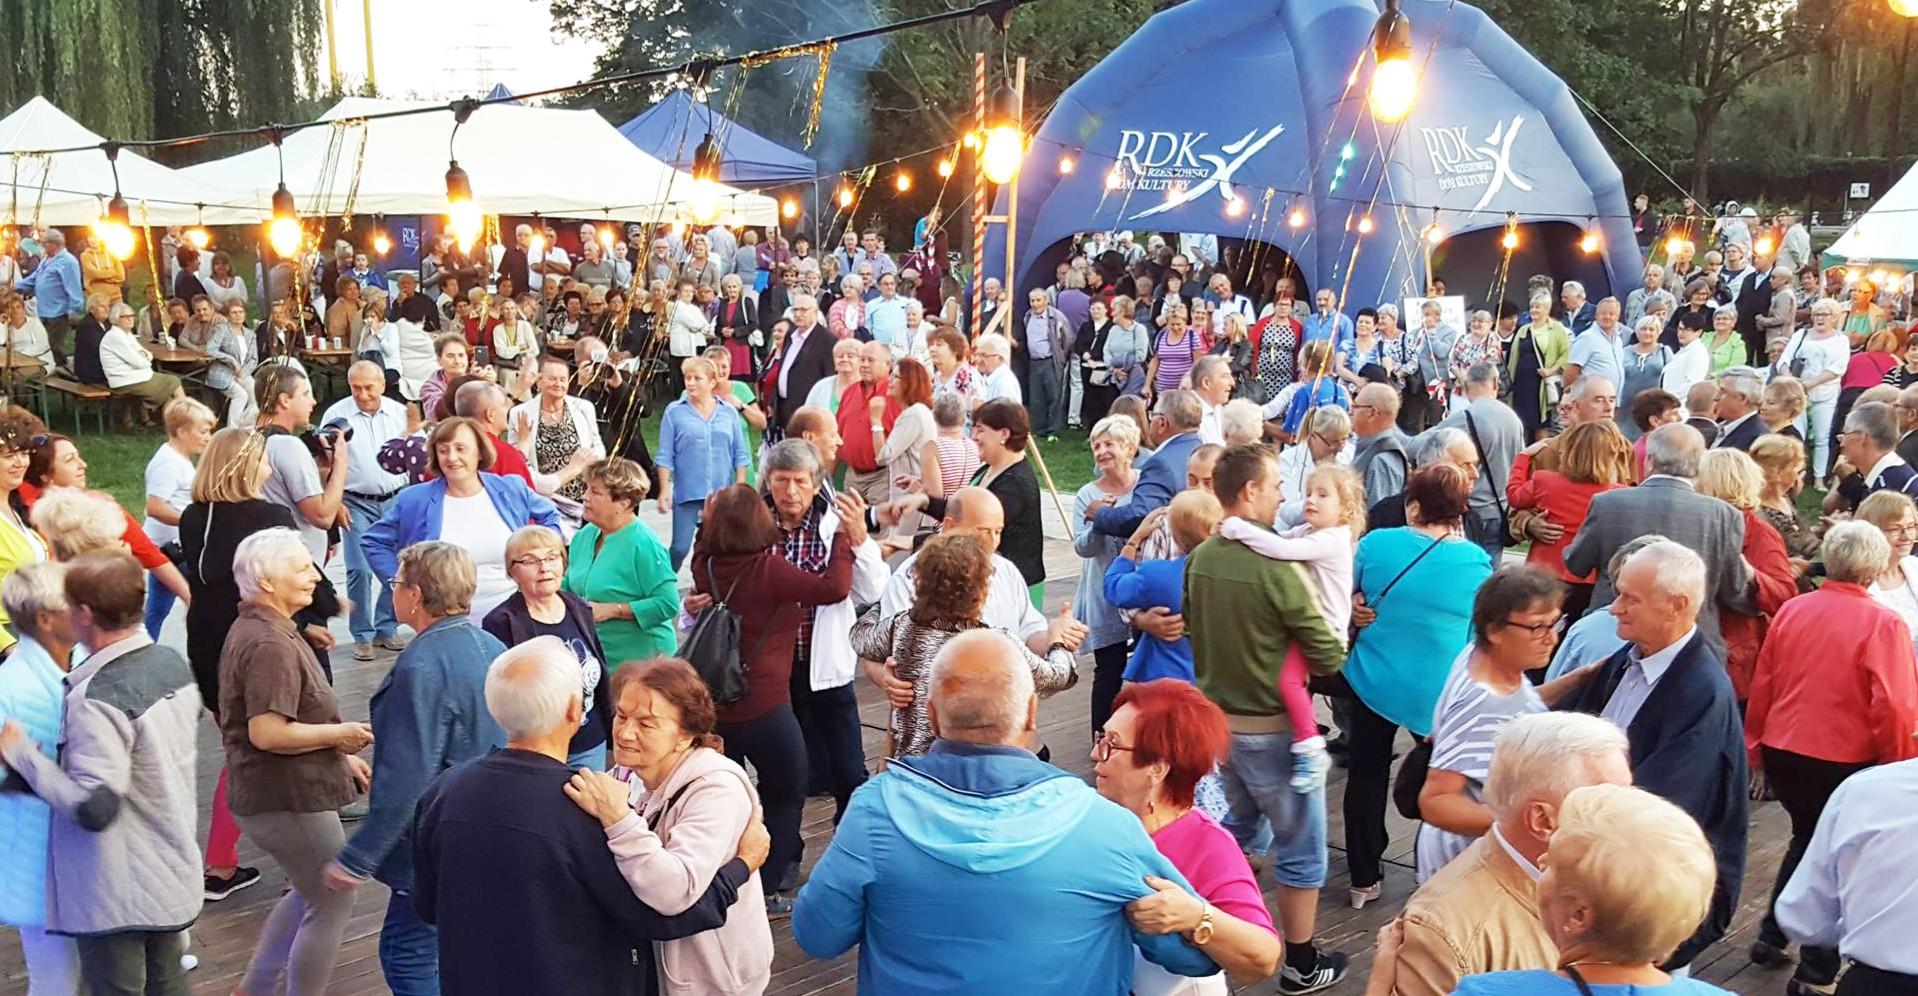 SOBOTA: Potańcówka dla seniorów po raz piąty!